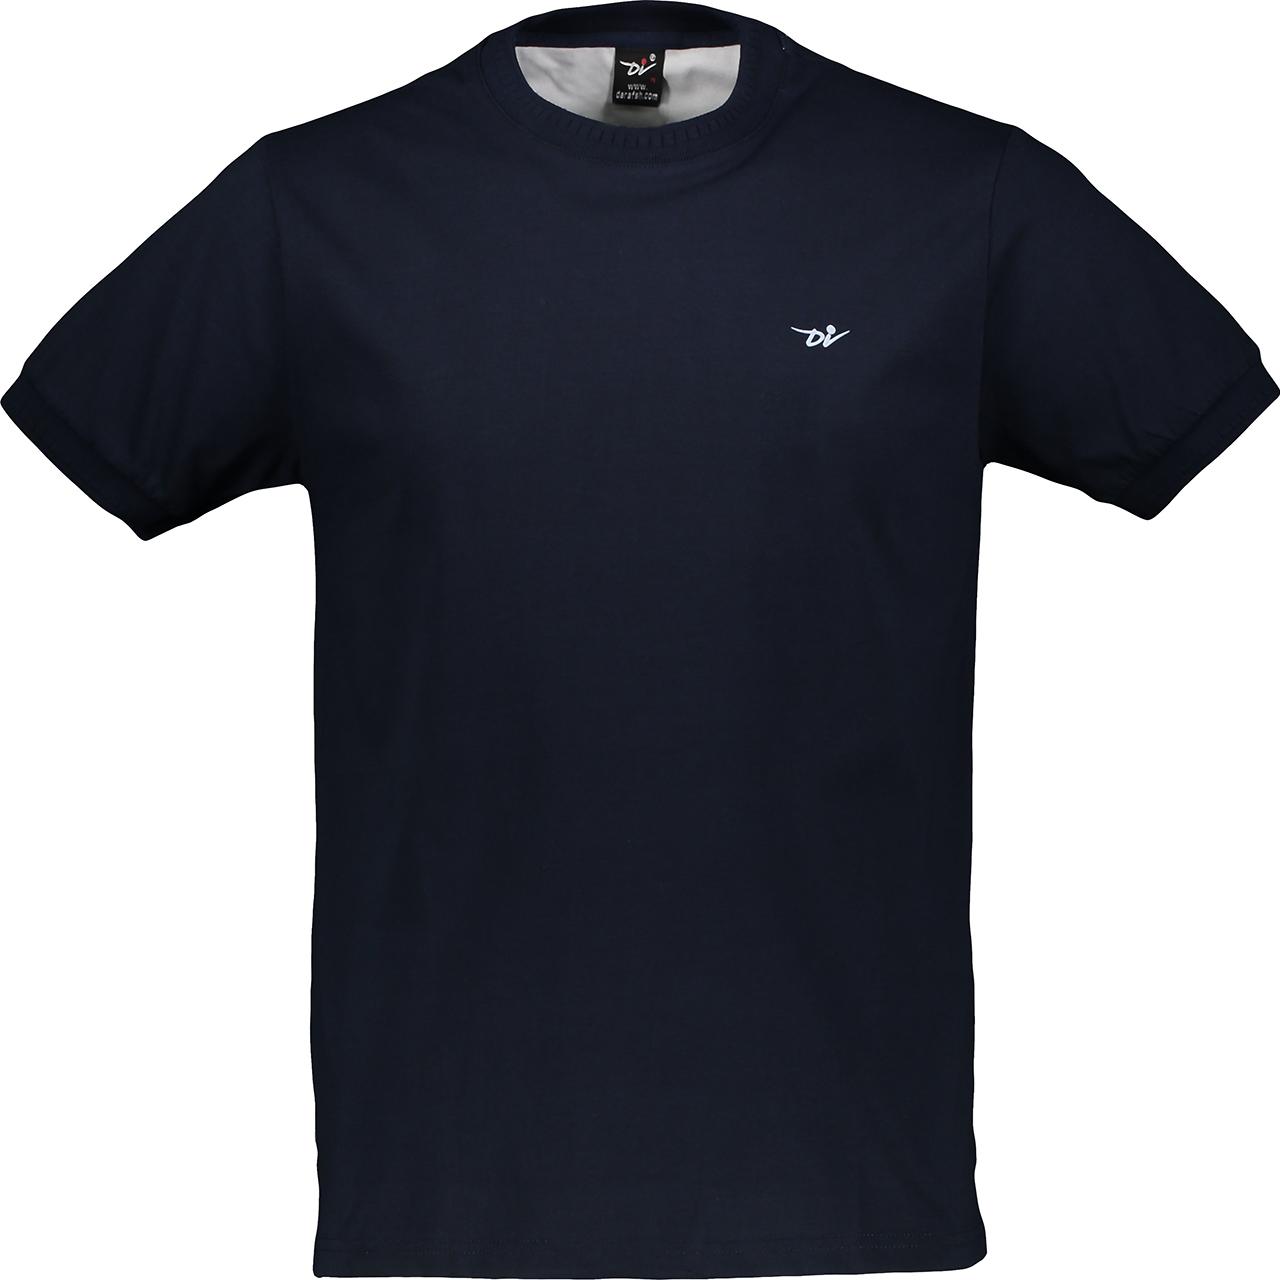 تی شرت مردانه درفش مدل 1231112-5901